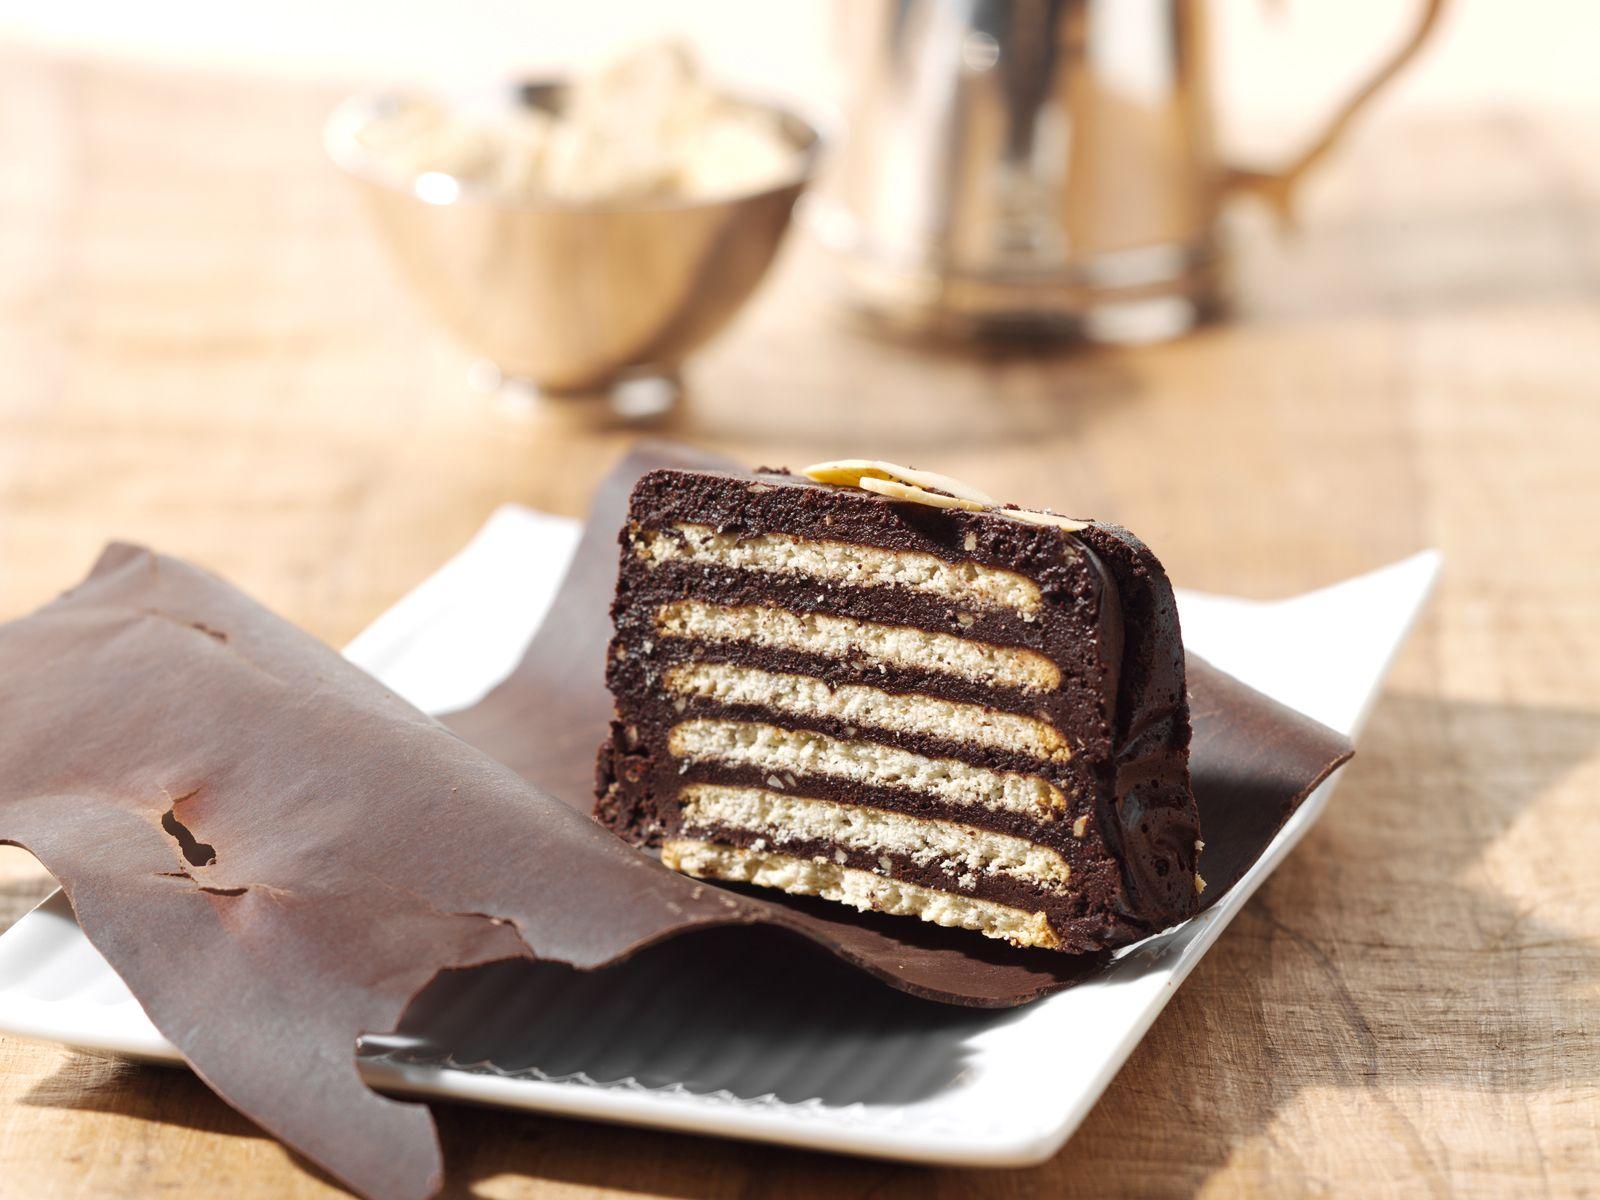 Kalter Hund Keks Schichtkuchen Mit Schokolade Rezept Eat Smarter